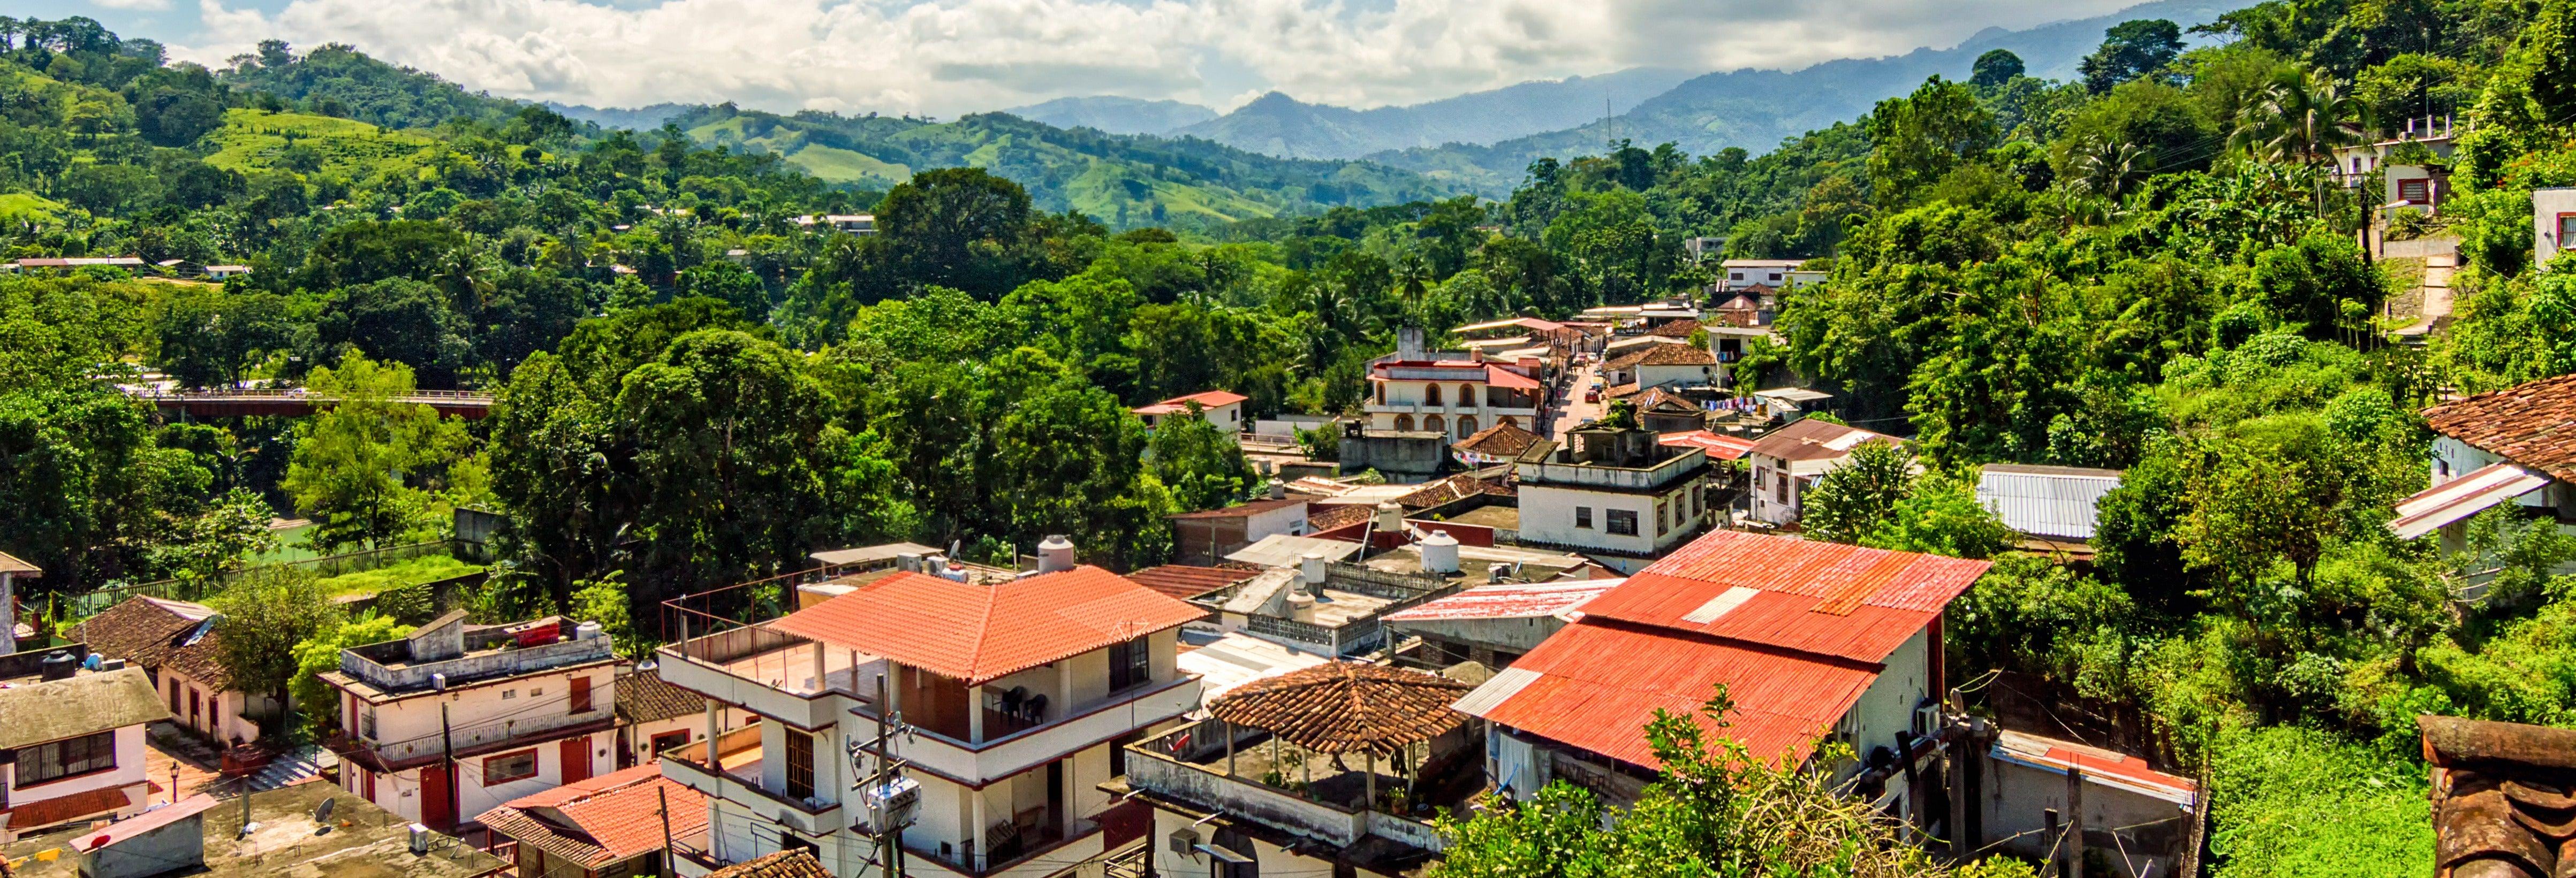 Excursión al Parque Natural Villa Luz y Tapijulapa